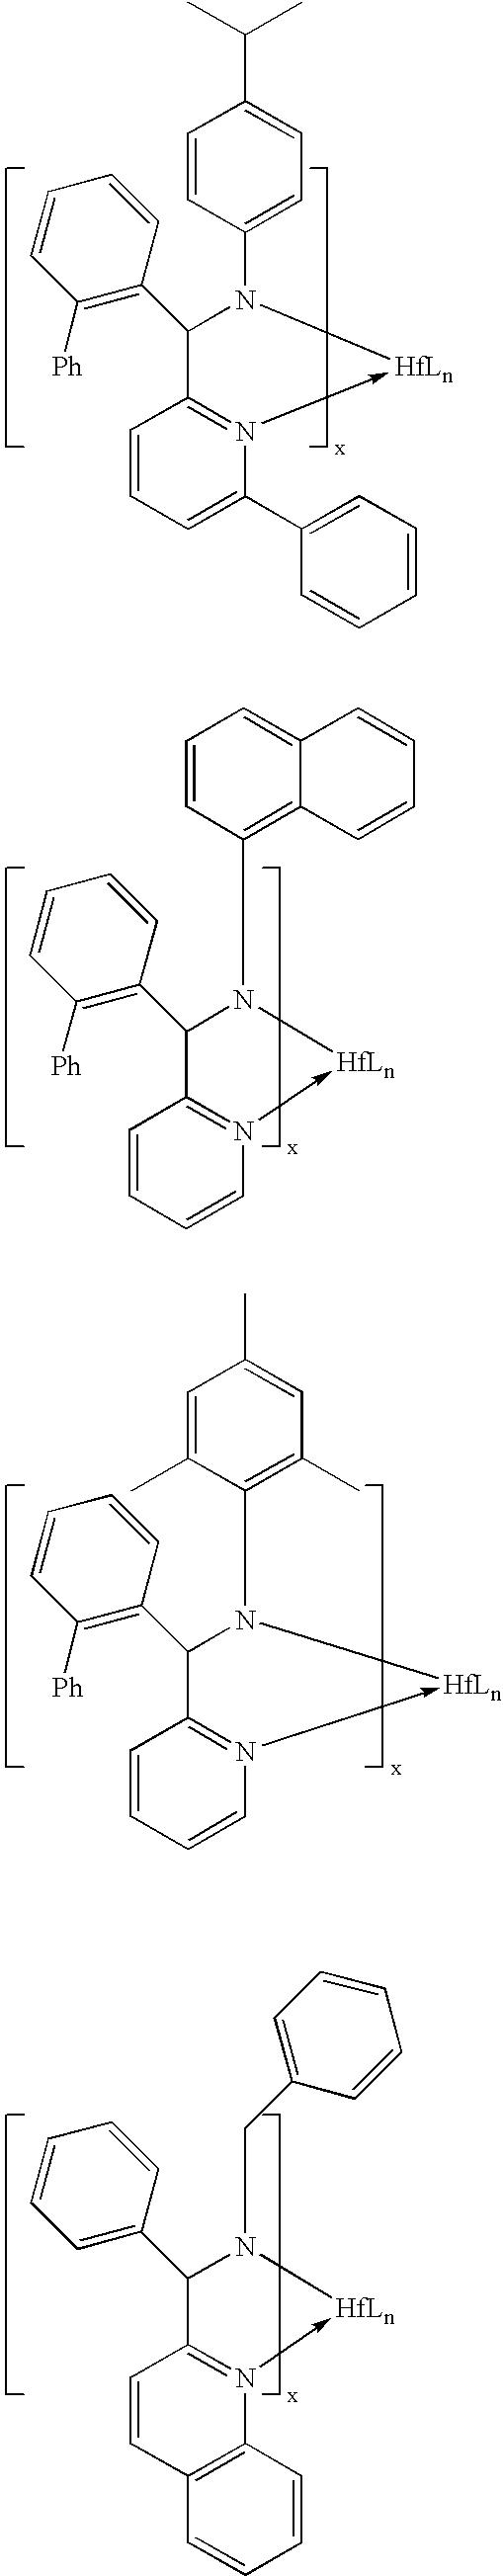 Figure US06946535-20050920-C00015